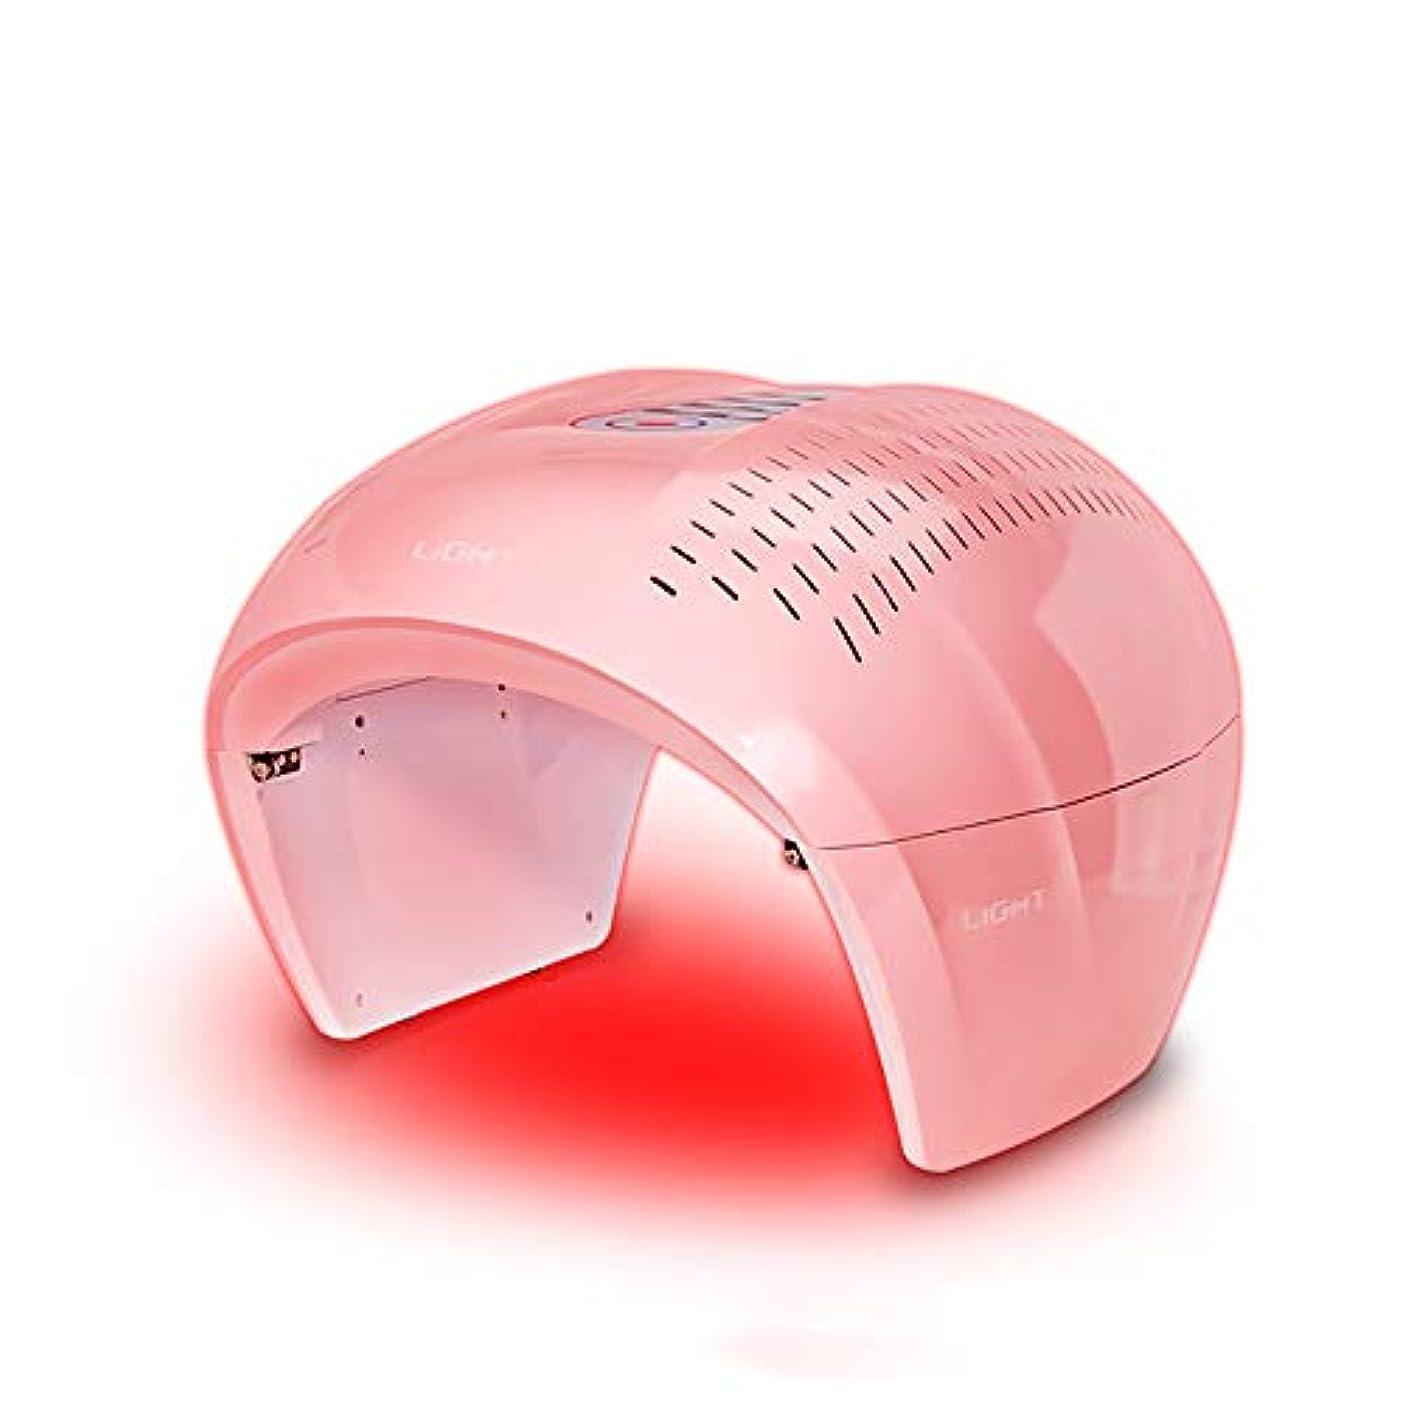 ピース小売ダッシュ4色ledフェイシャルマスク療法ライトポータブルフォトンpdtにきび療法しわ除去アンチエイジング肌の若返りスキンケア美容機